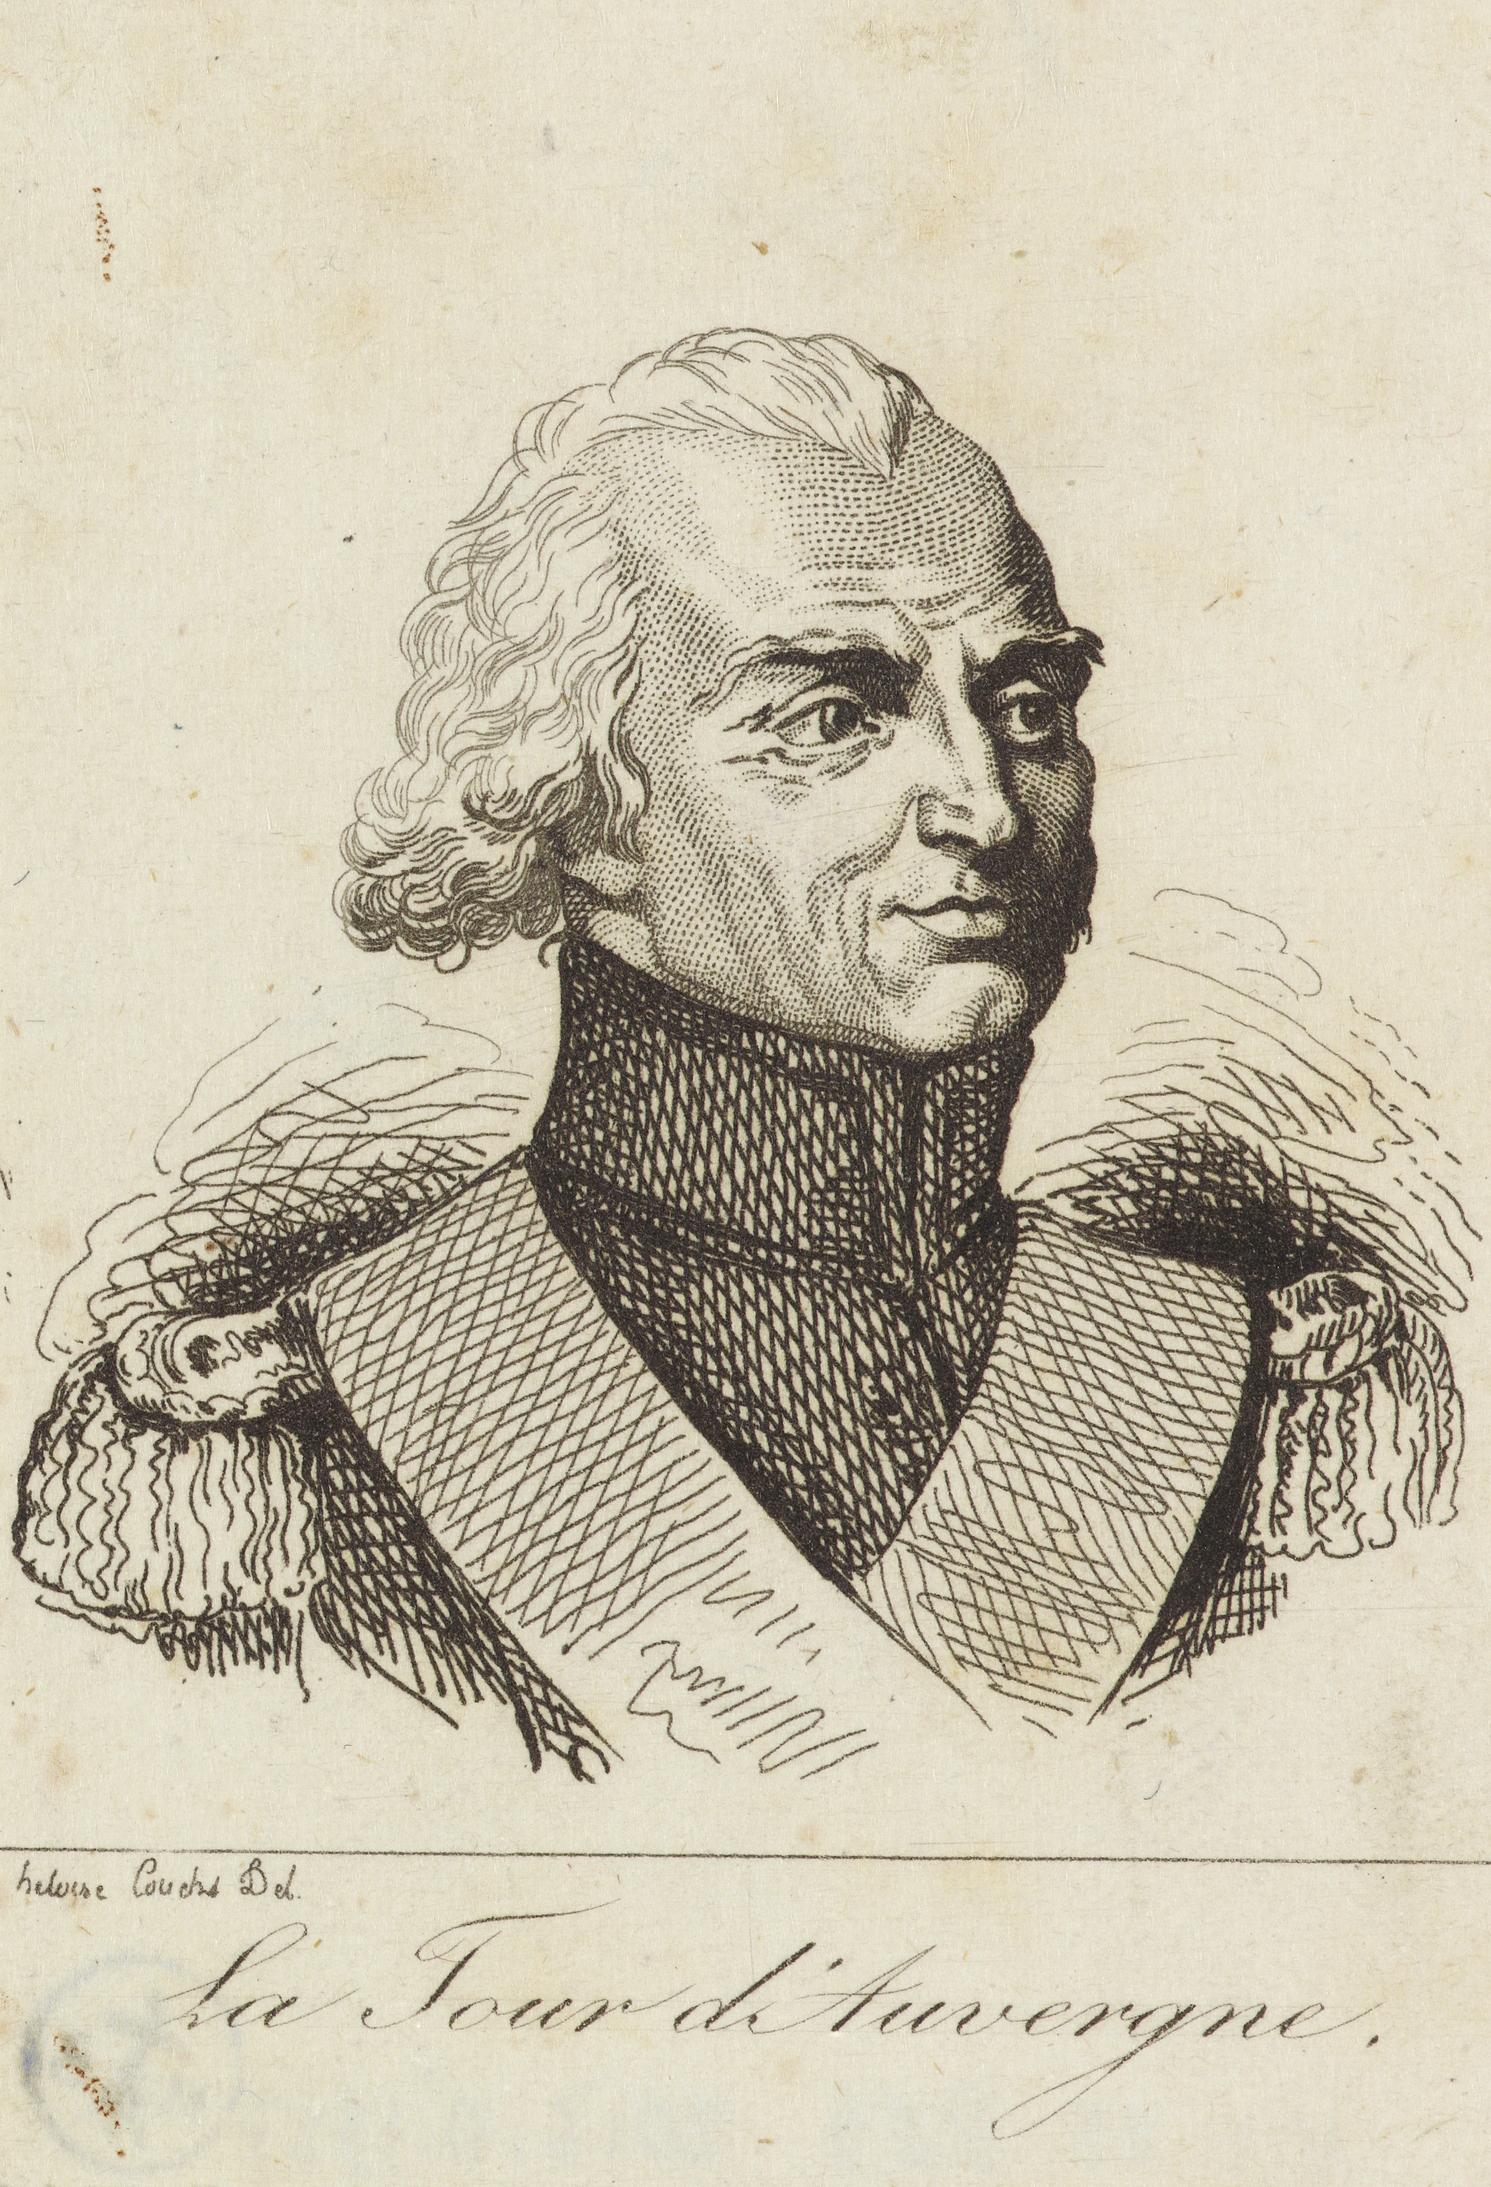 T. M. Corret de la Tour d'Auvergne